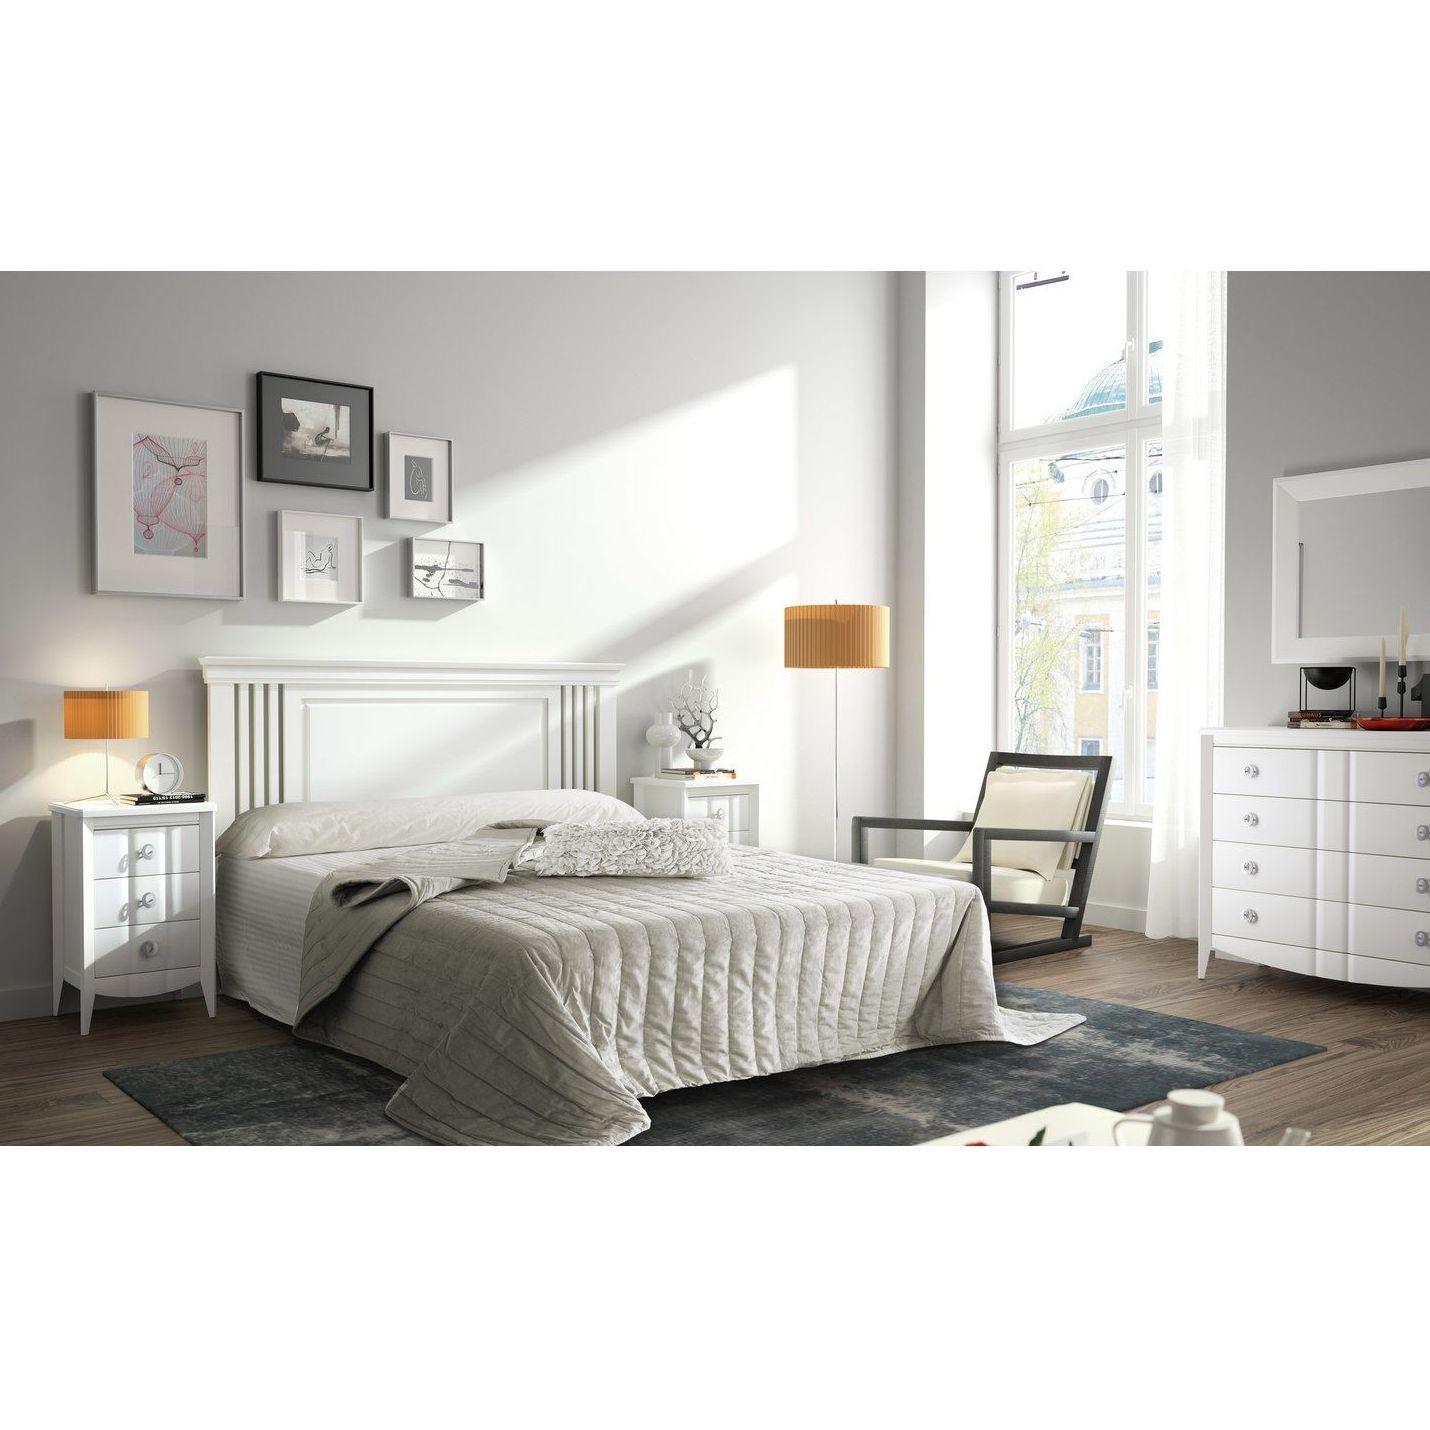 dormitorios matrimonio muebles de actual de mymm